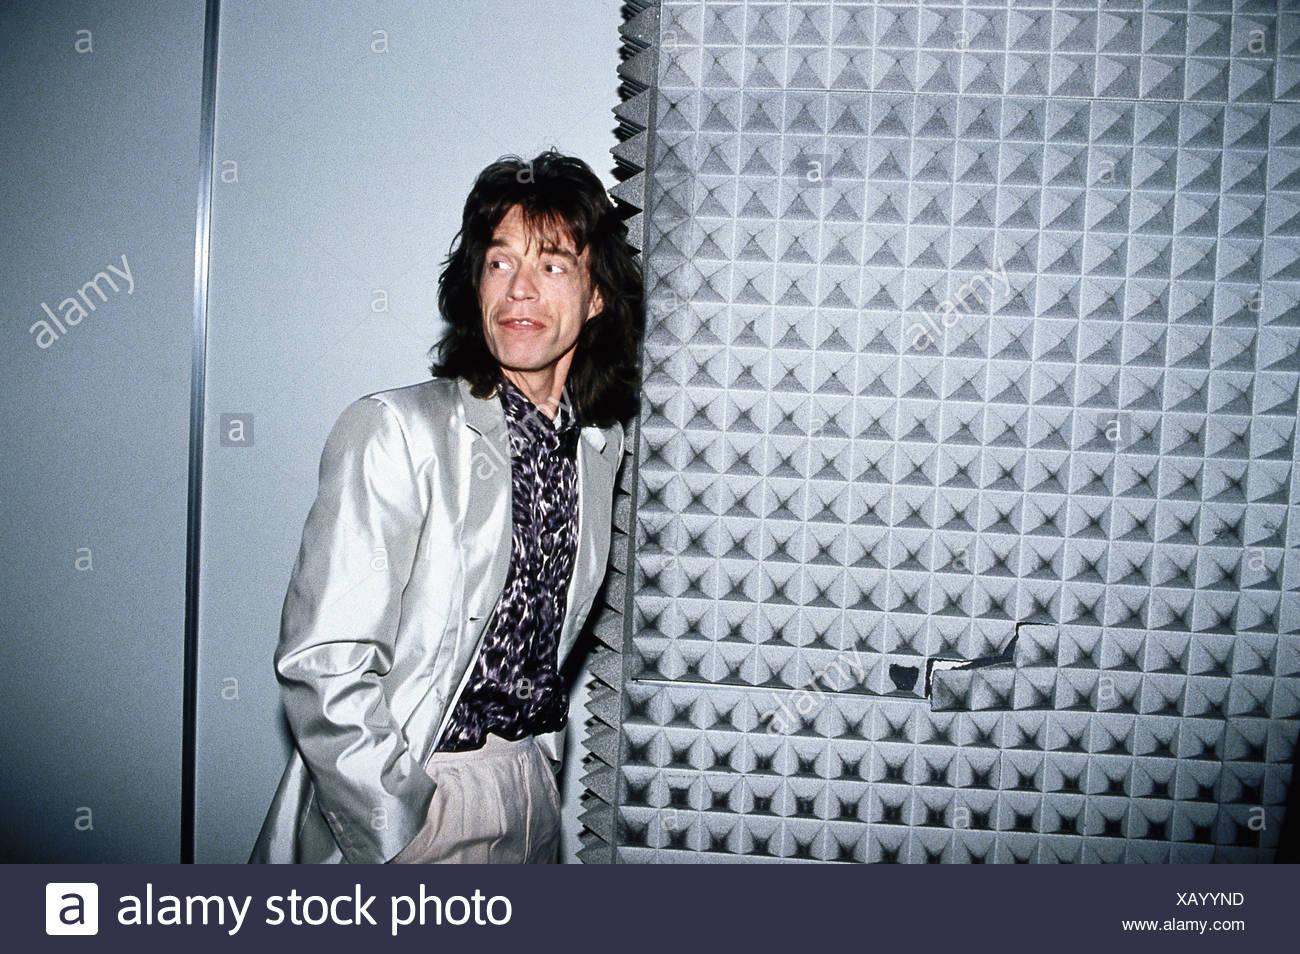 Jagger, Mick, * 26.7.1943, músico británico, de media longitud, recibiendo el Golden Record para 'Wandering Spirit', Hamburgo, 1993, Foto de stock